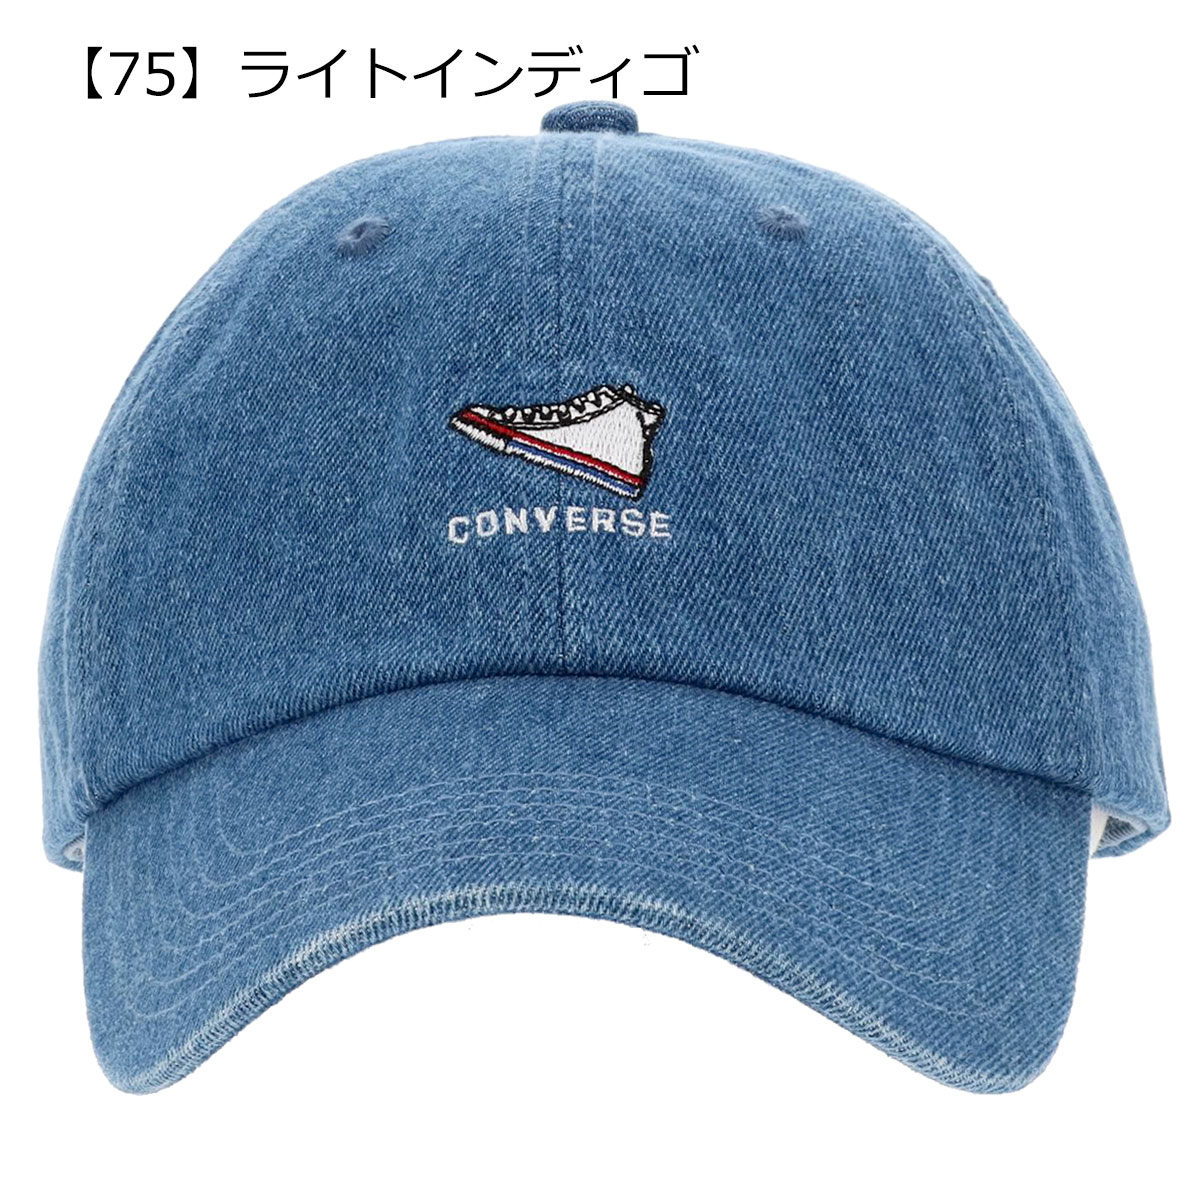 【75】ライトインディゴ